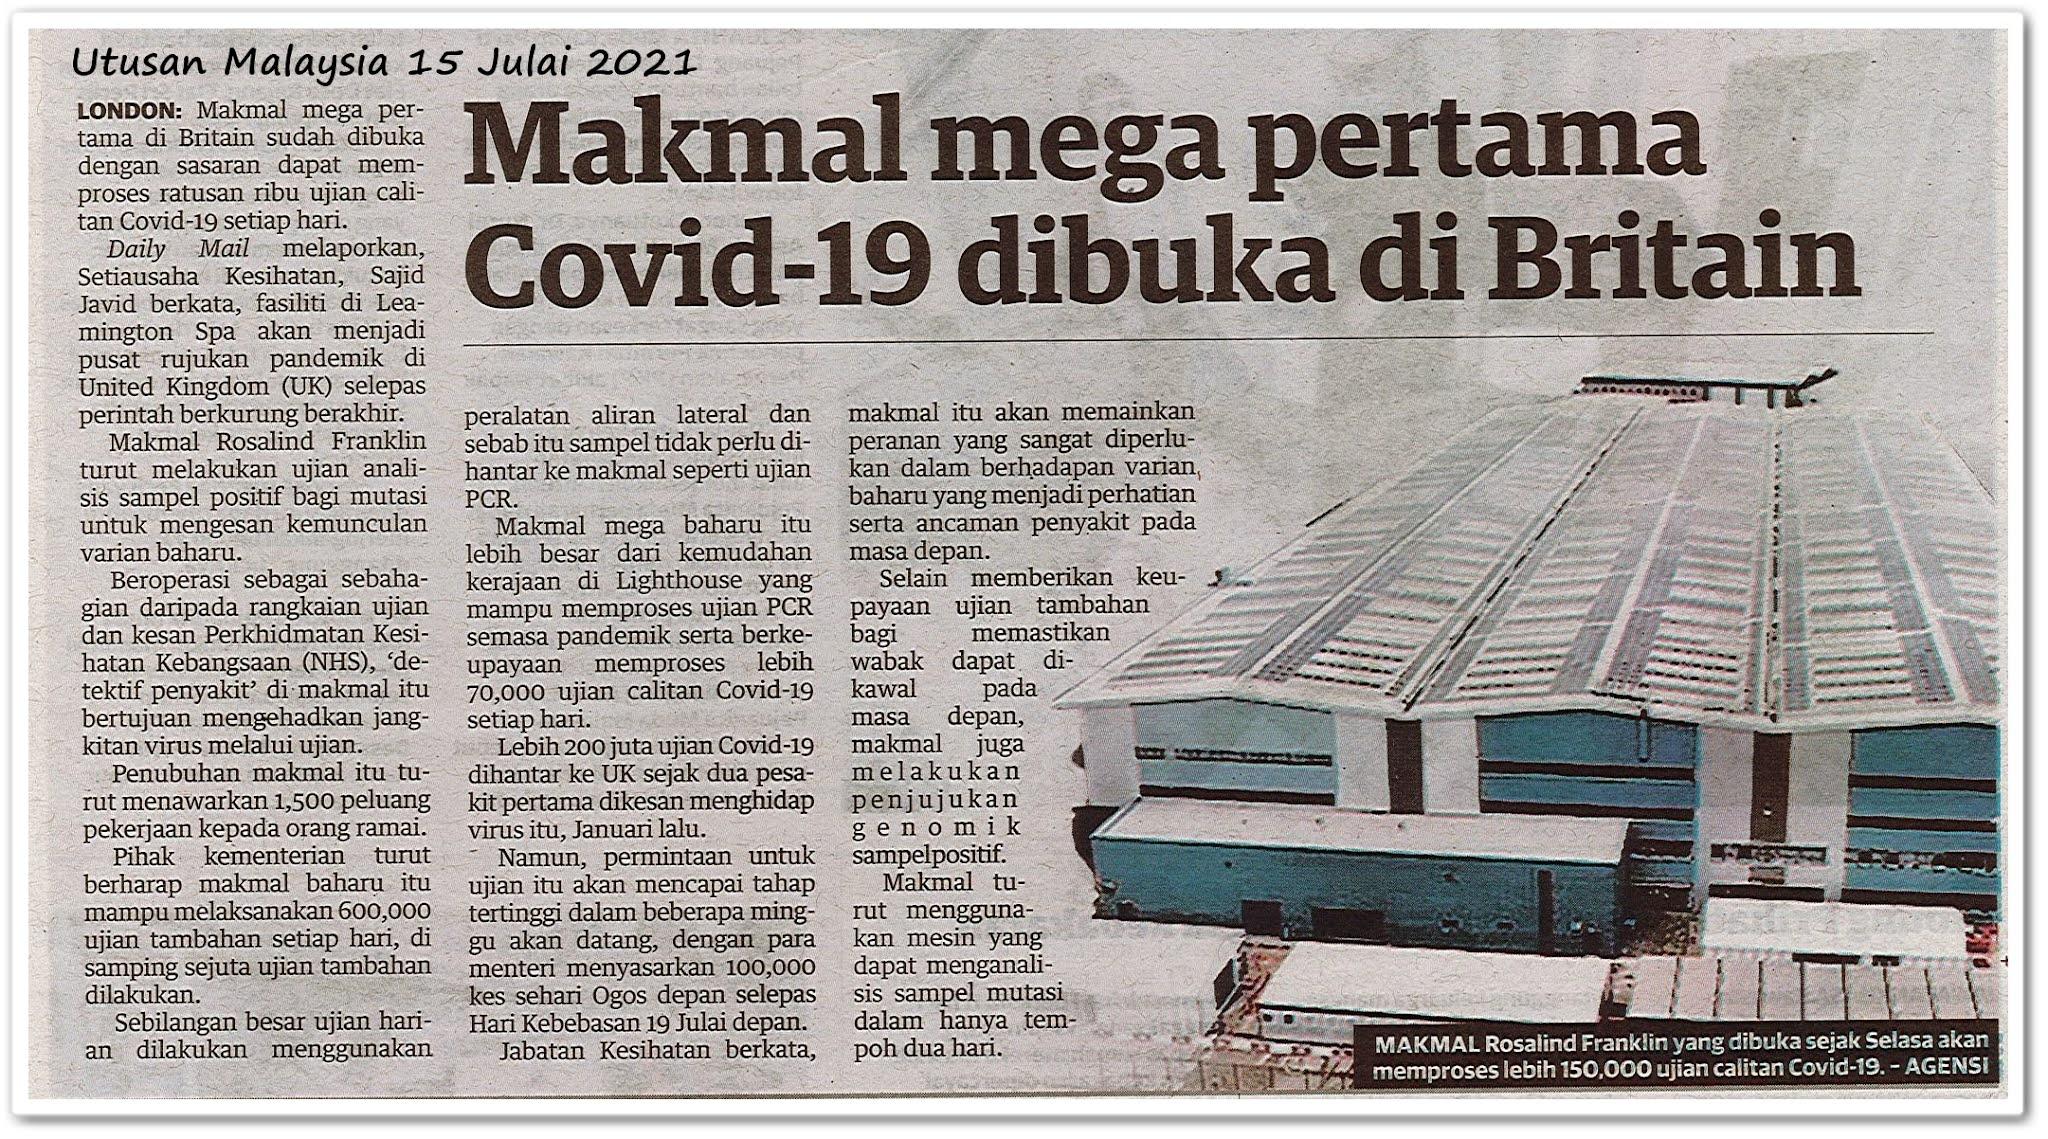 Makmal mega pertama Covid-19 dibuka di Britain - Keratan akhbar Utusan Malaysia 15 Julai 2021